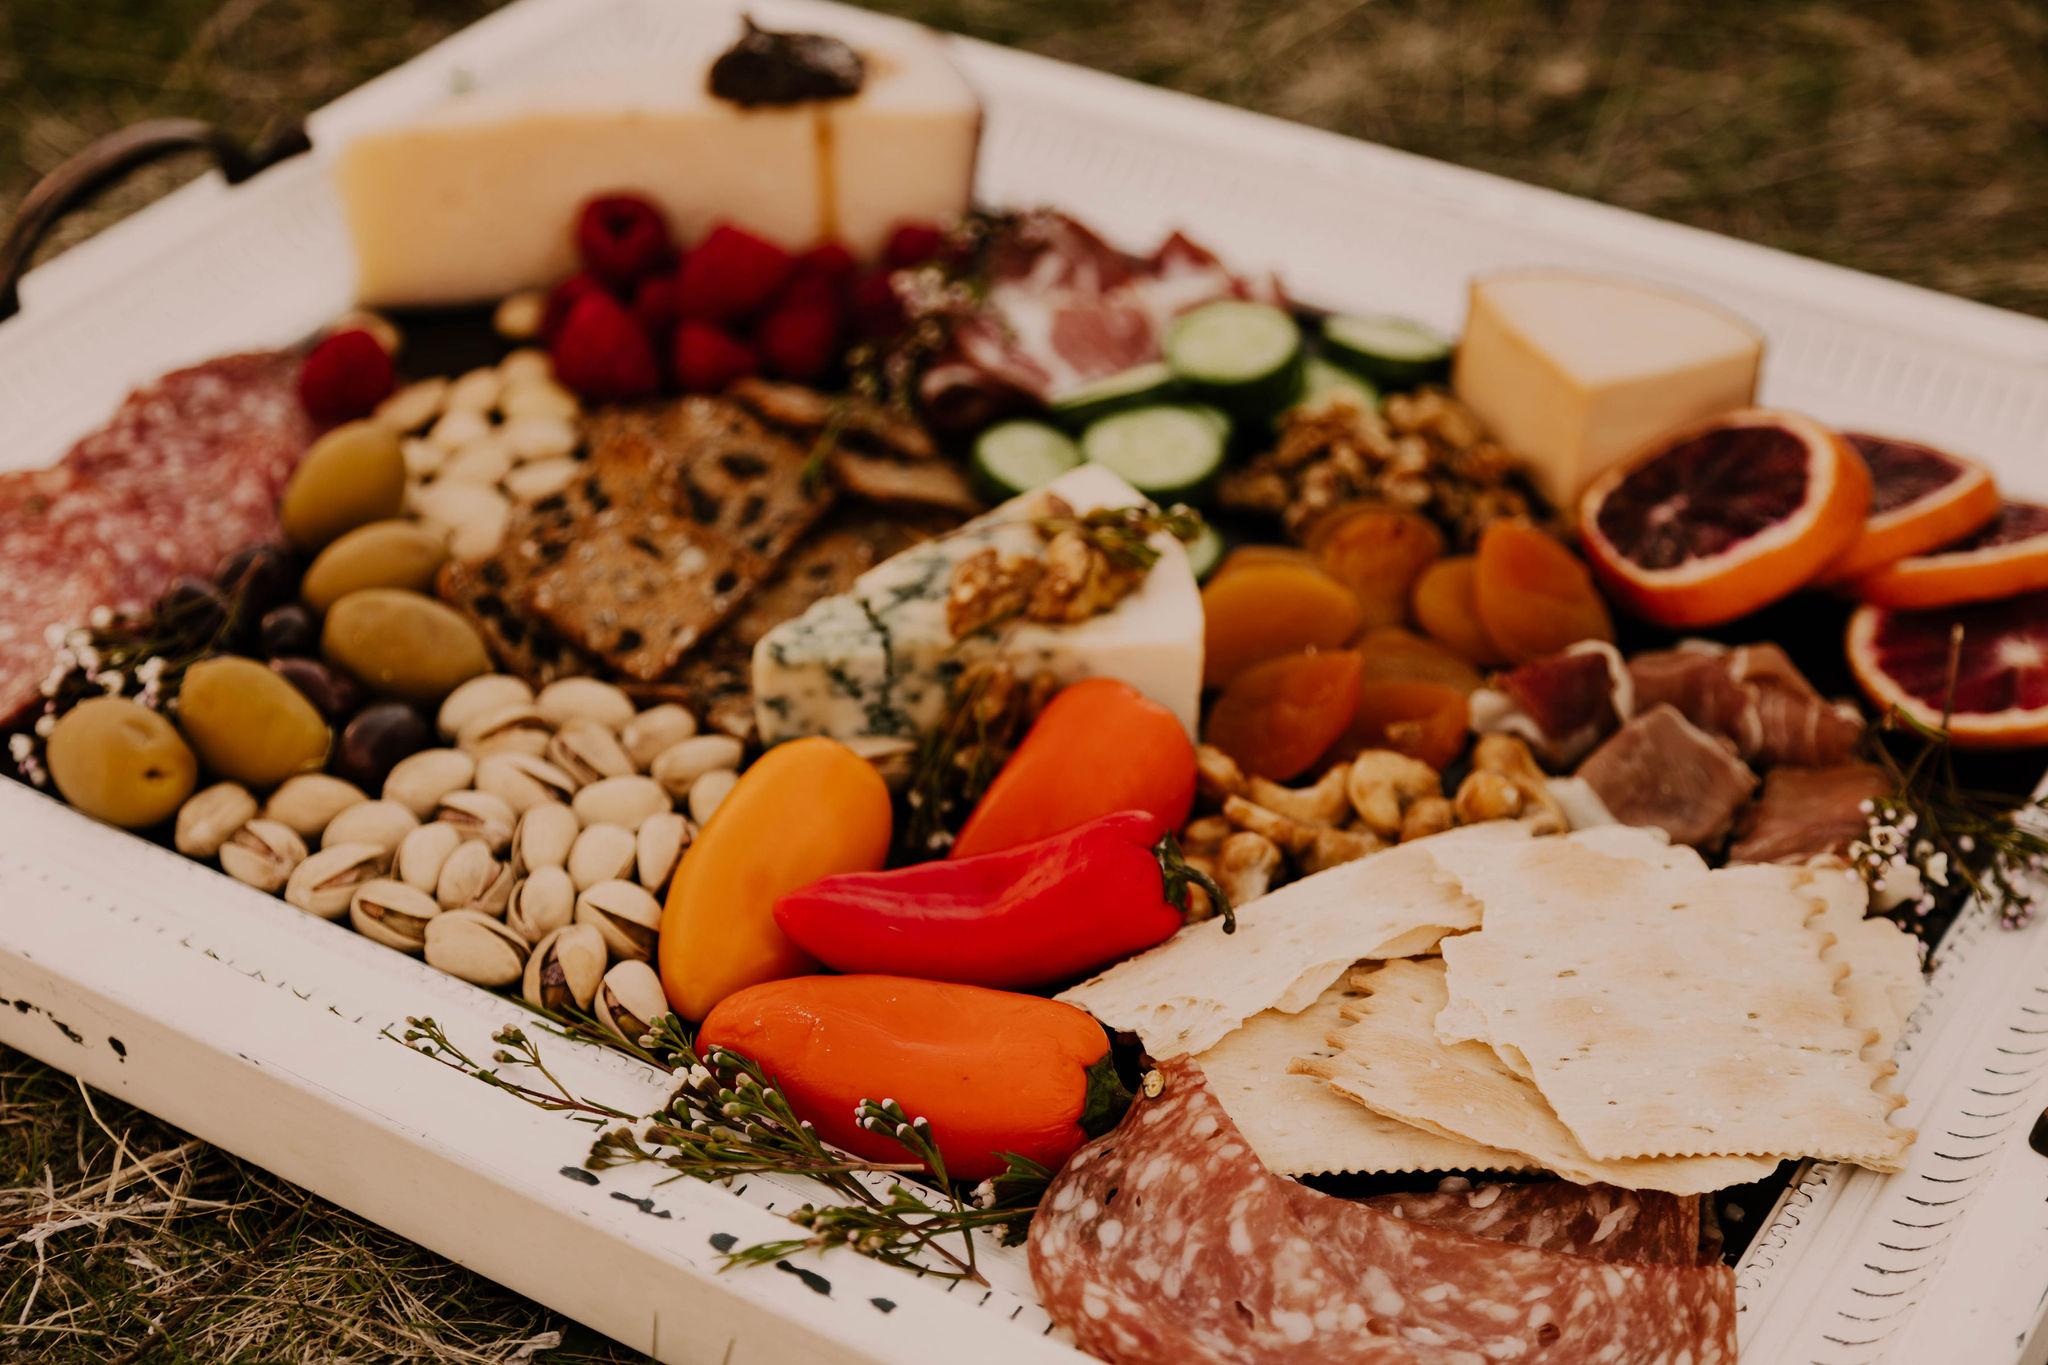 spokane wedding charcuterie board snacks